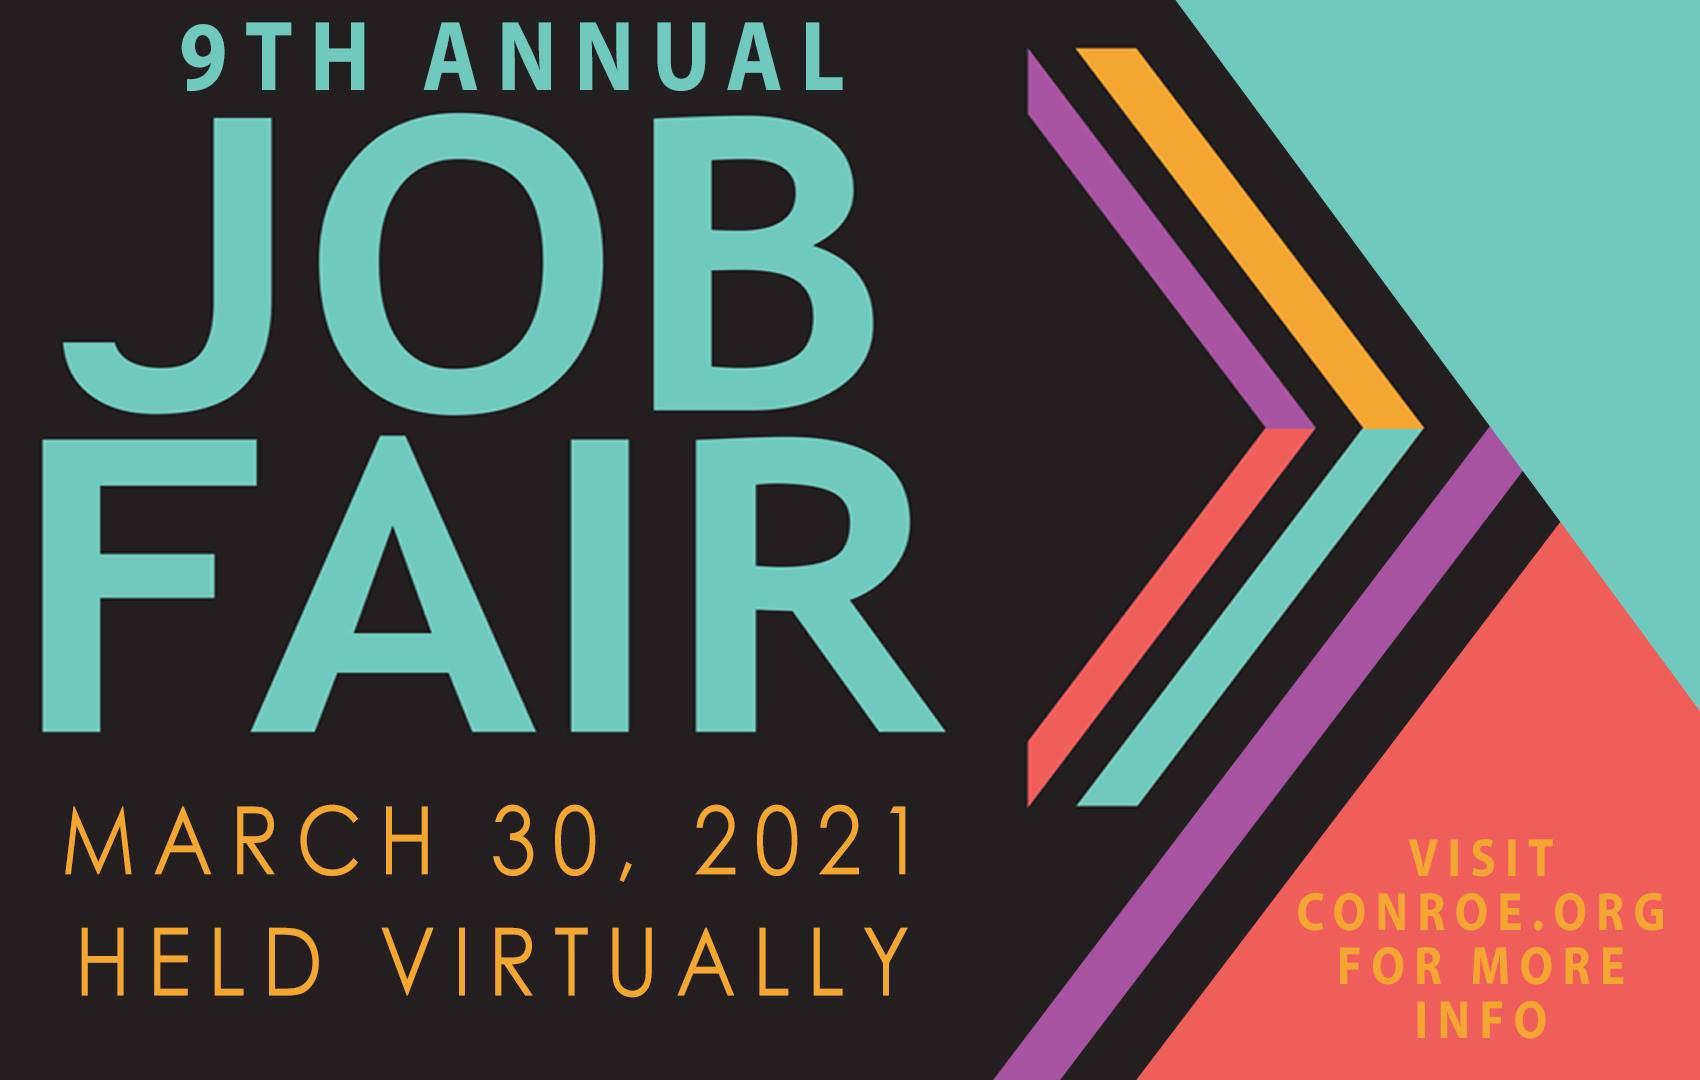 9th Annual Conroe Job Fair Set for March 30 Utilizing Virtual Platform Main Photo